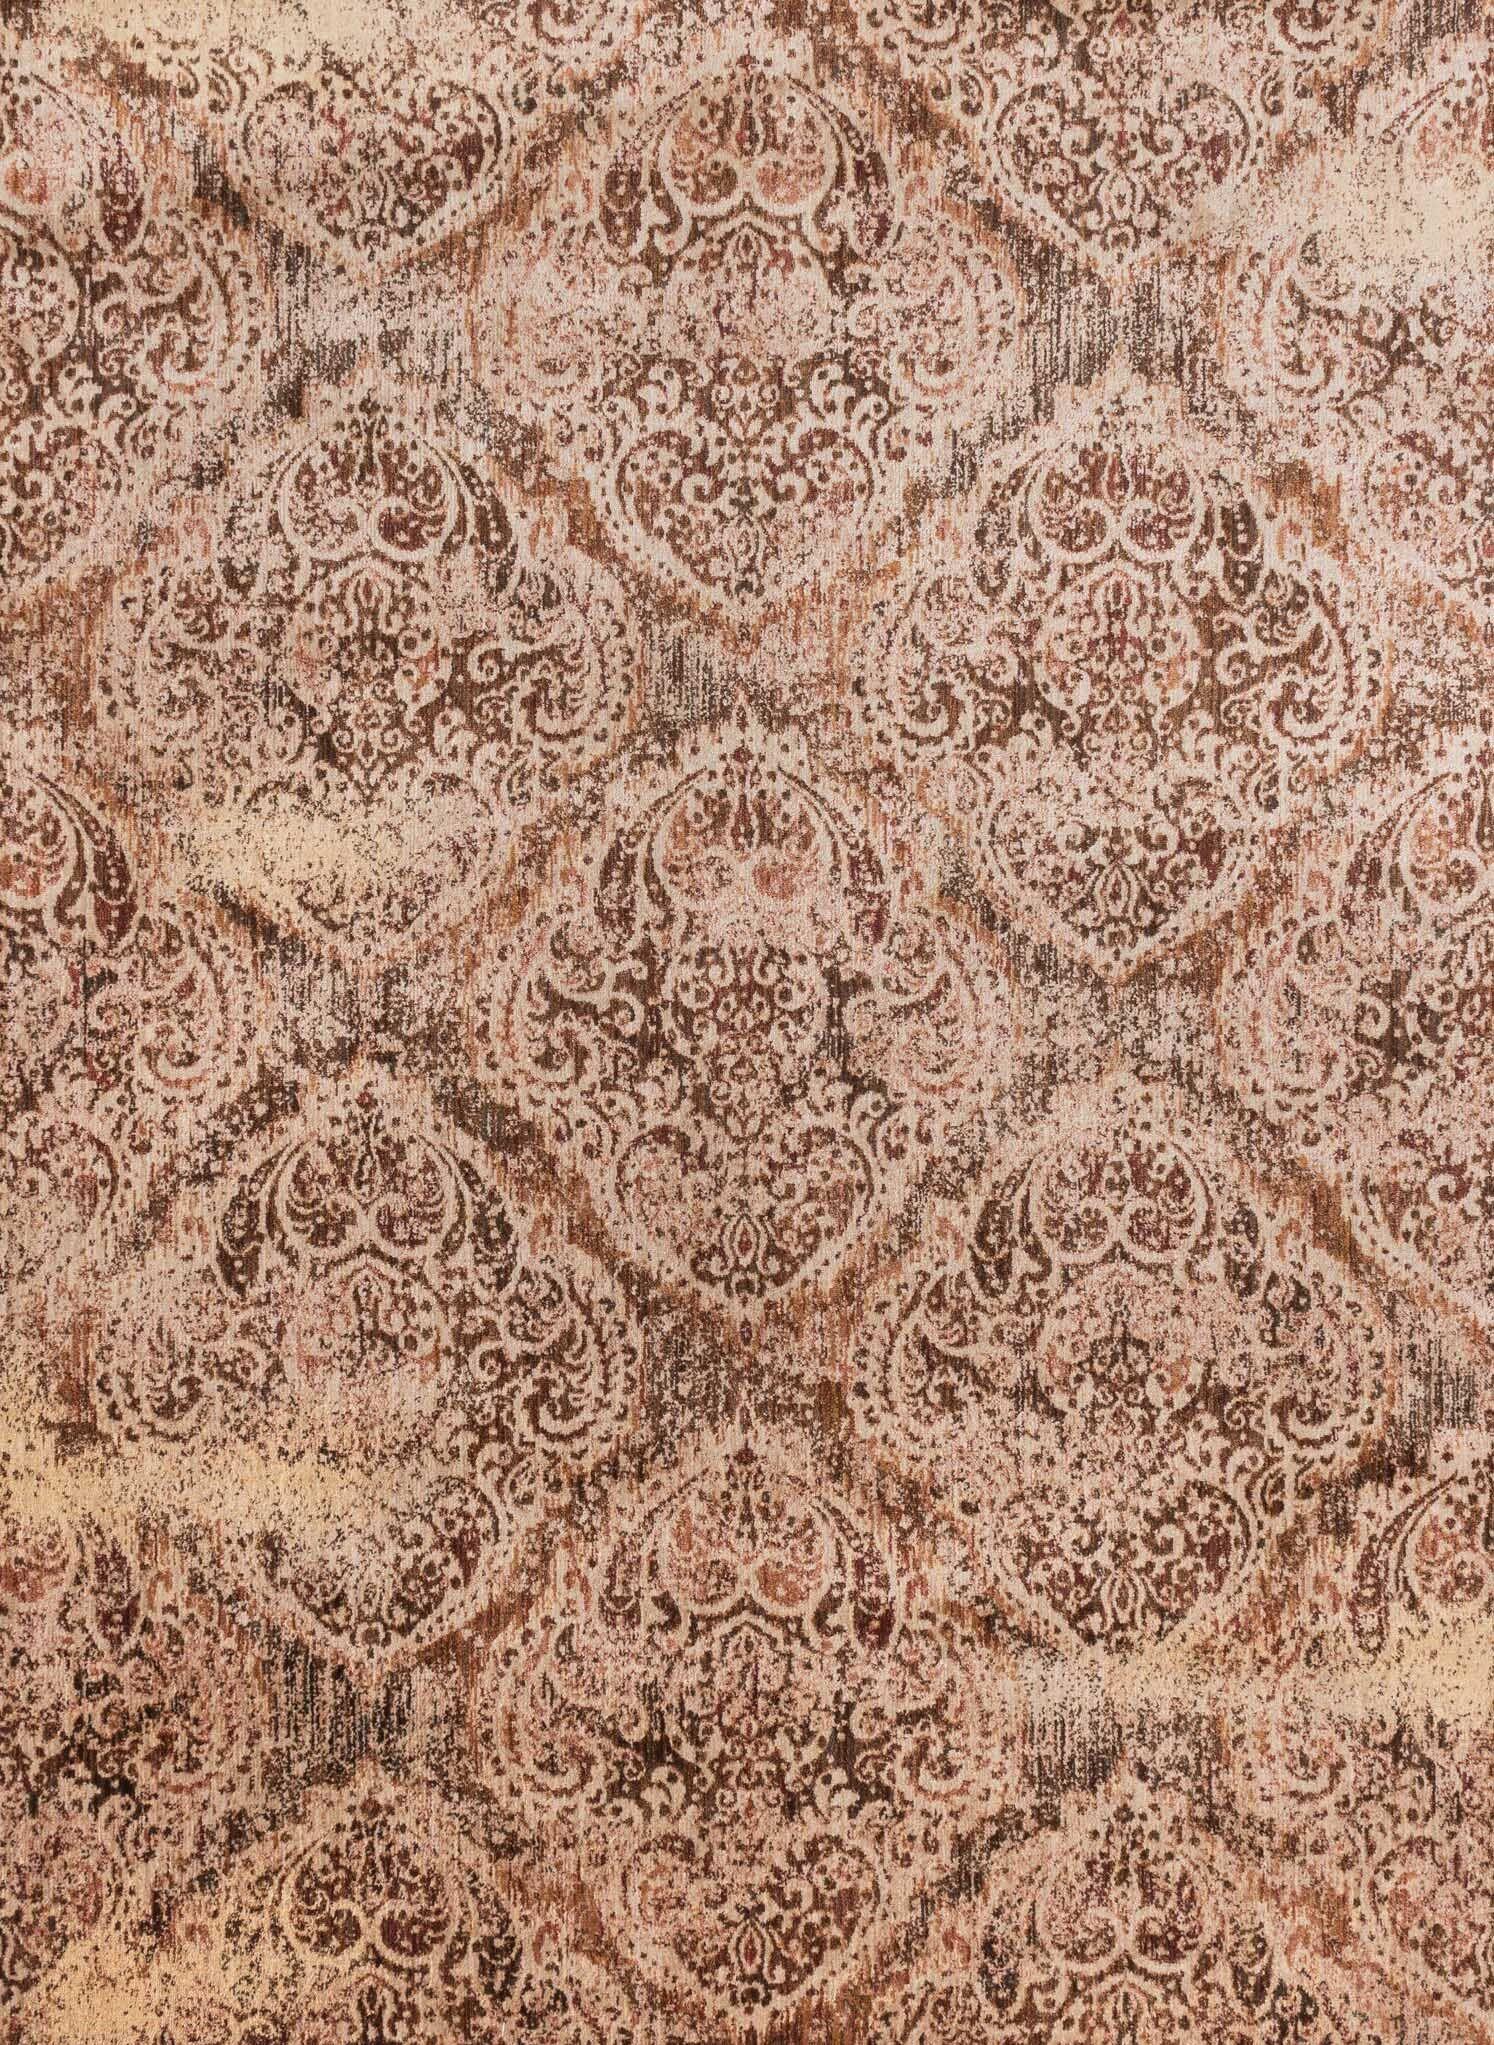 Zehner Brown/Bronze Area Rug Rug Size: Rectangle 9'6